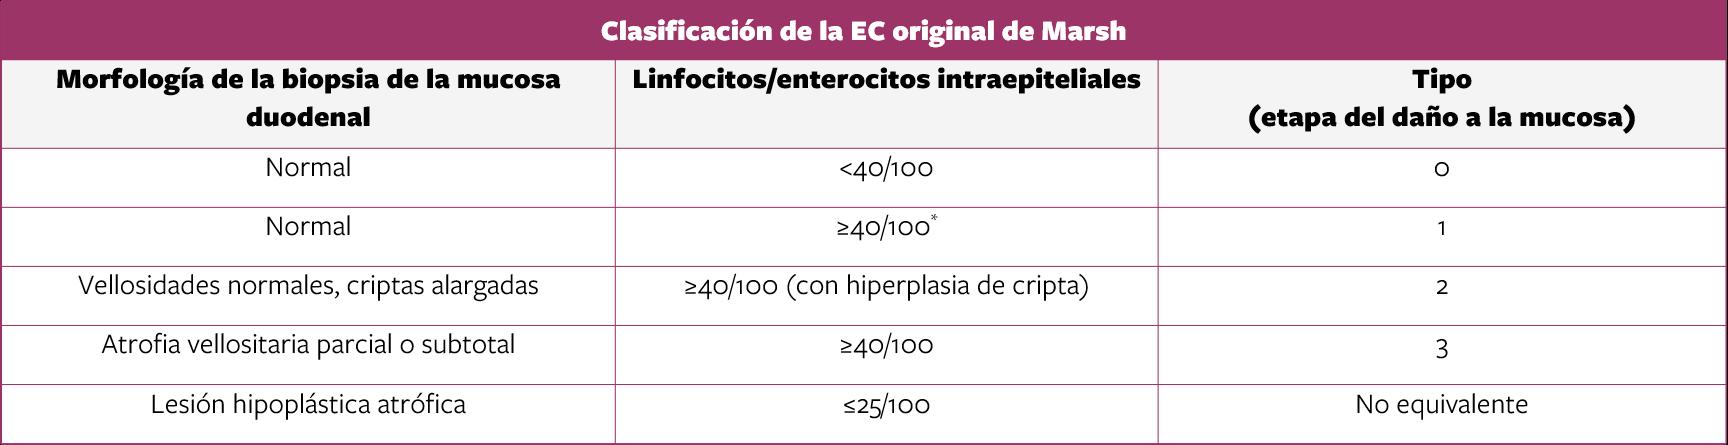 Tabla de Clasificación de la EC original de Marsh